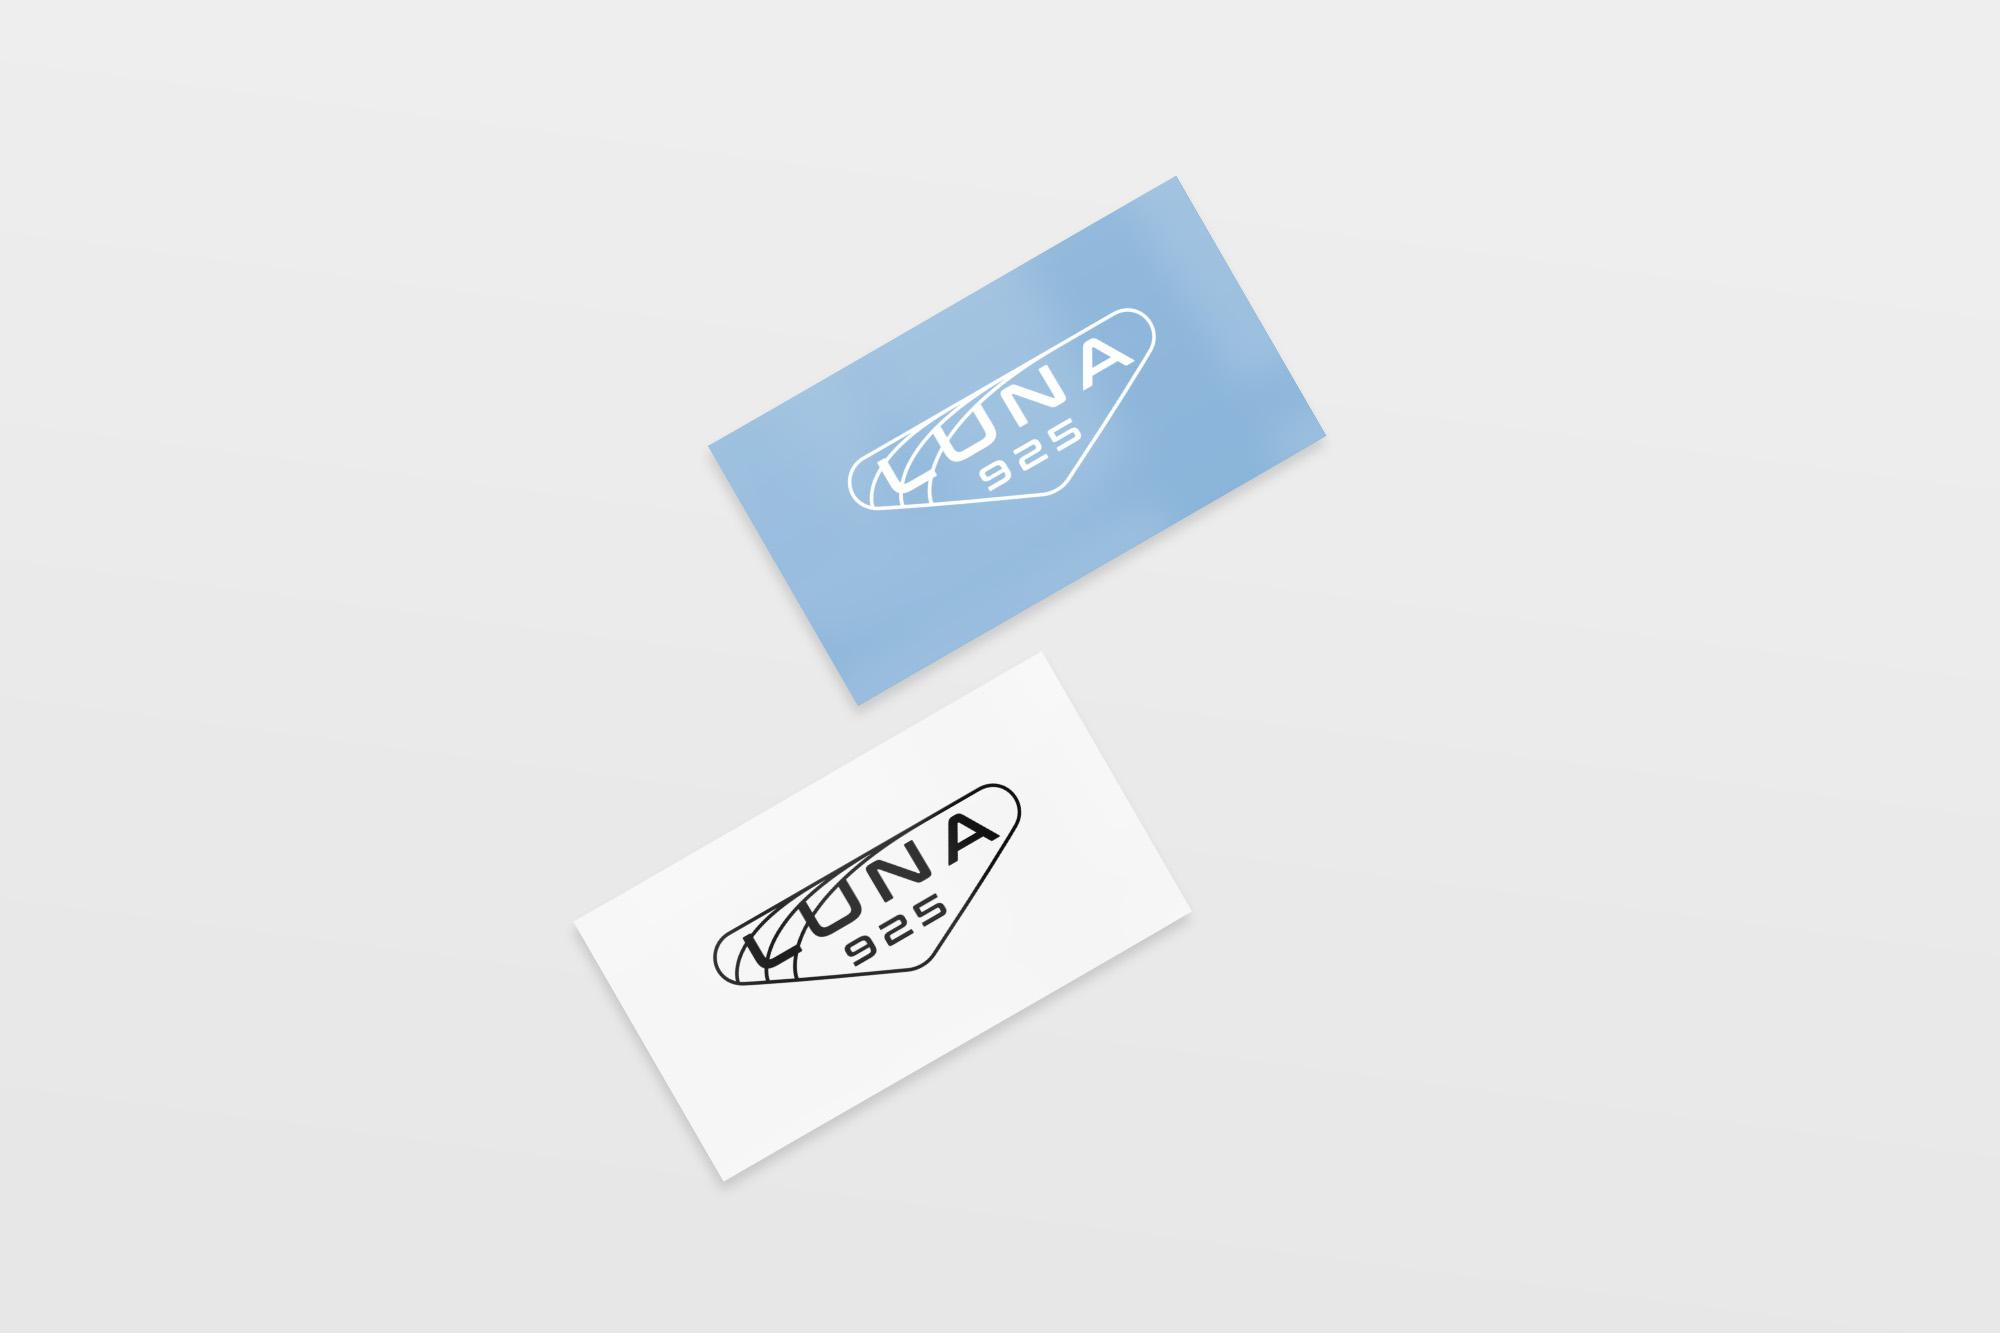 Логотип для столового серебра и посуды из серебра фото f_9005bad040a21fce.jpg